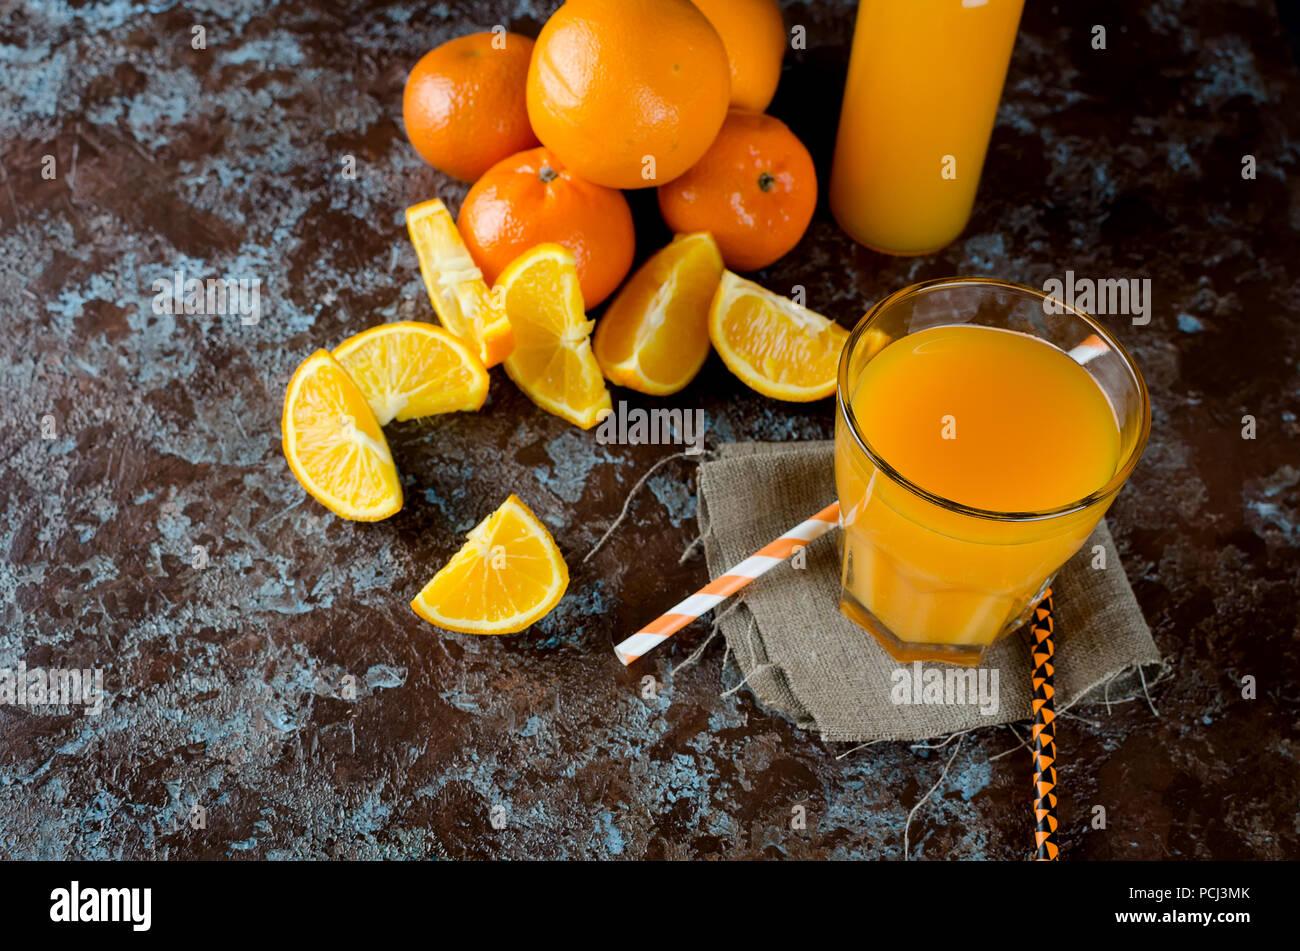 Il succo di arancia in un bicchiere e una bottiglia e pezzi di arancio su un calcestruzzo di colore marrone-sfondo blu spazio copia Immagini Stock